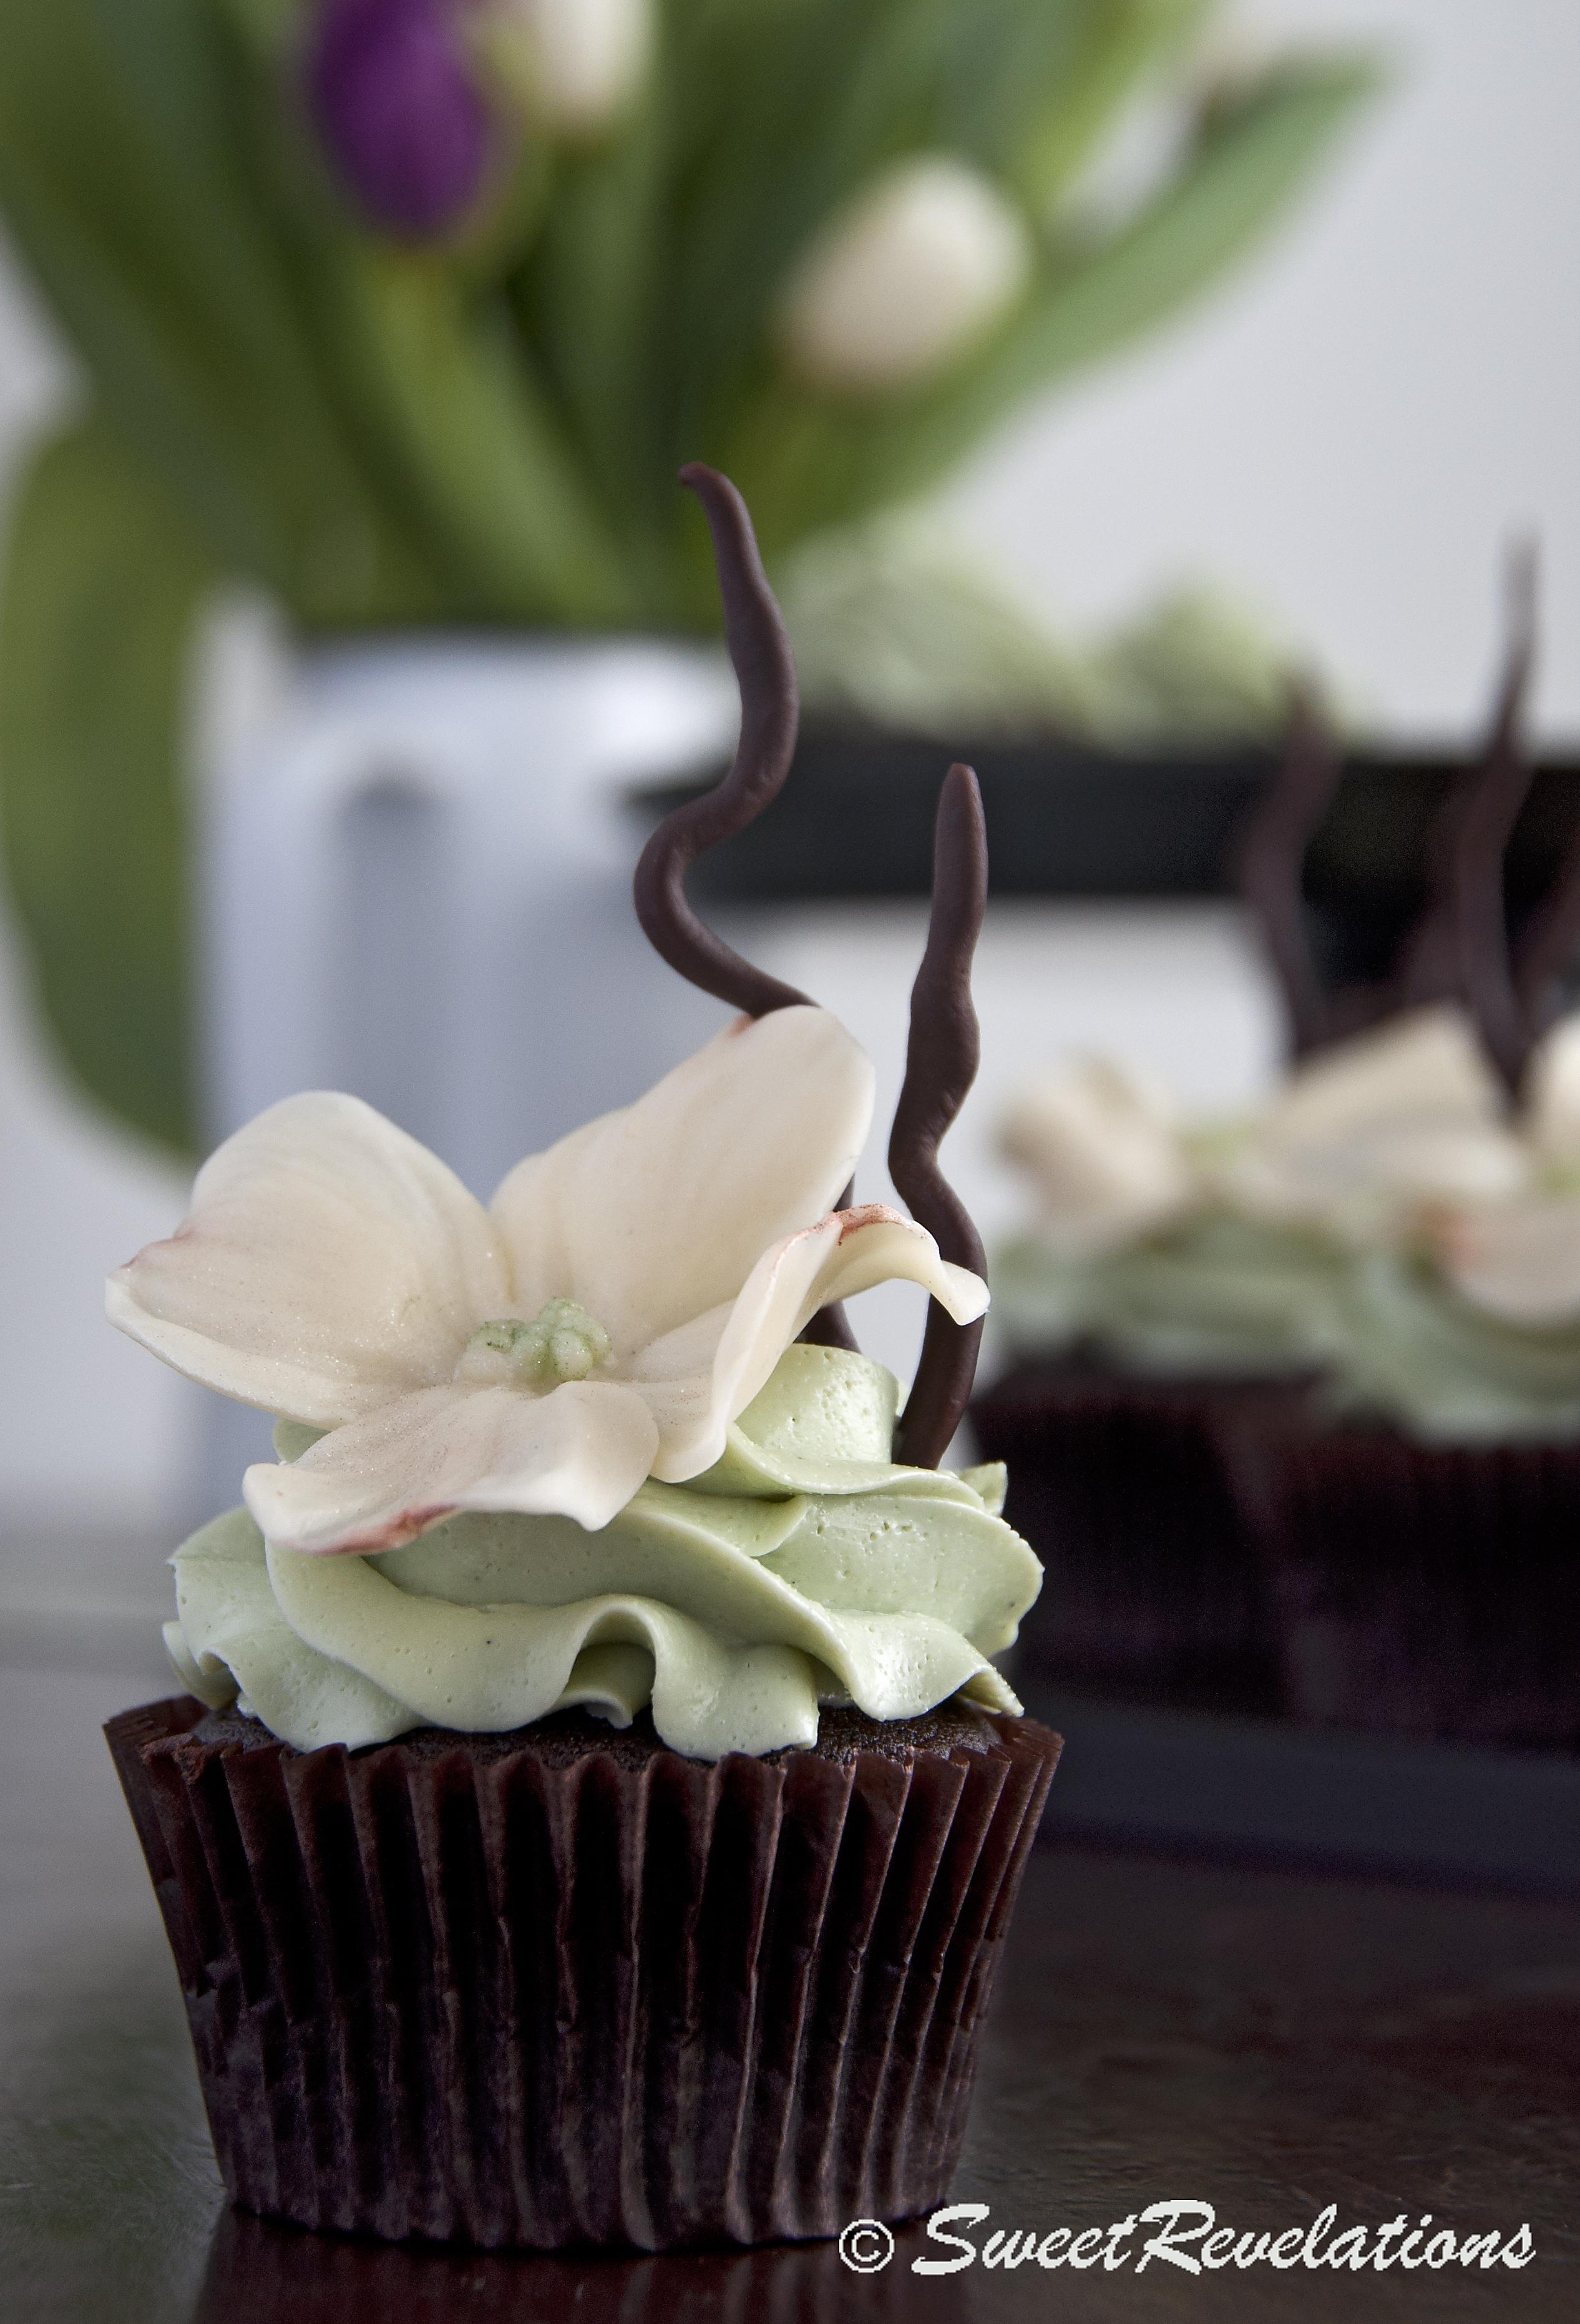 White Modelling Chocolate Sweetrevelations